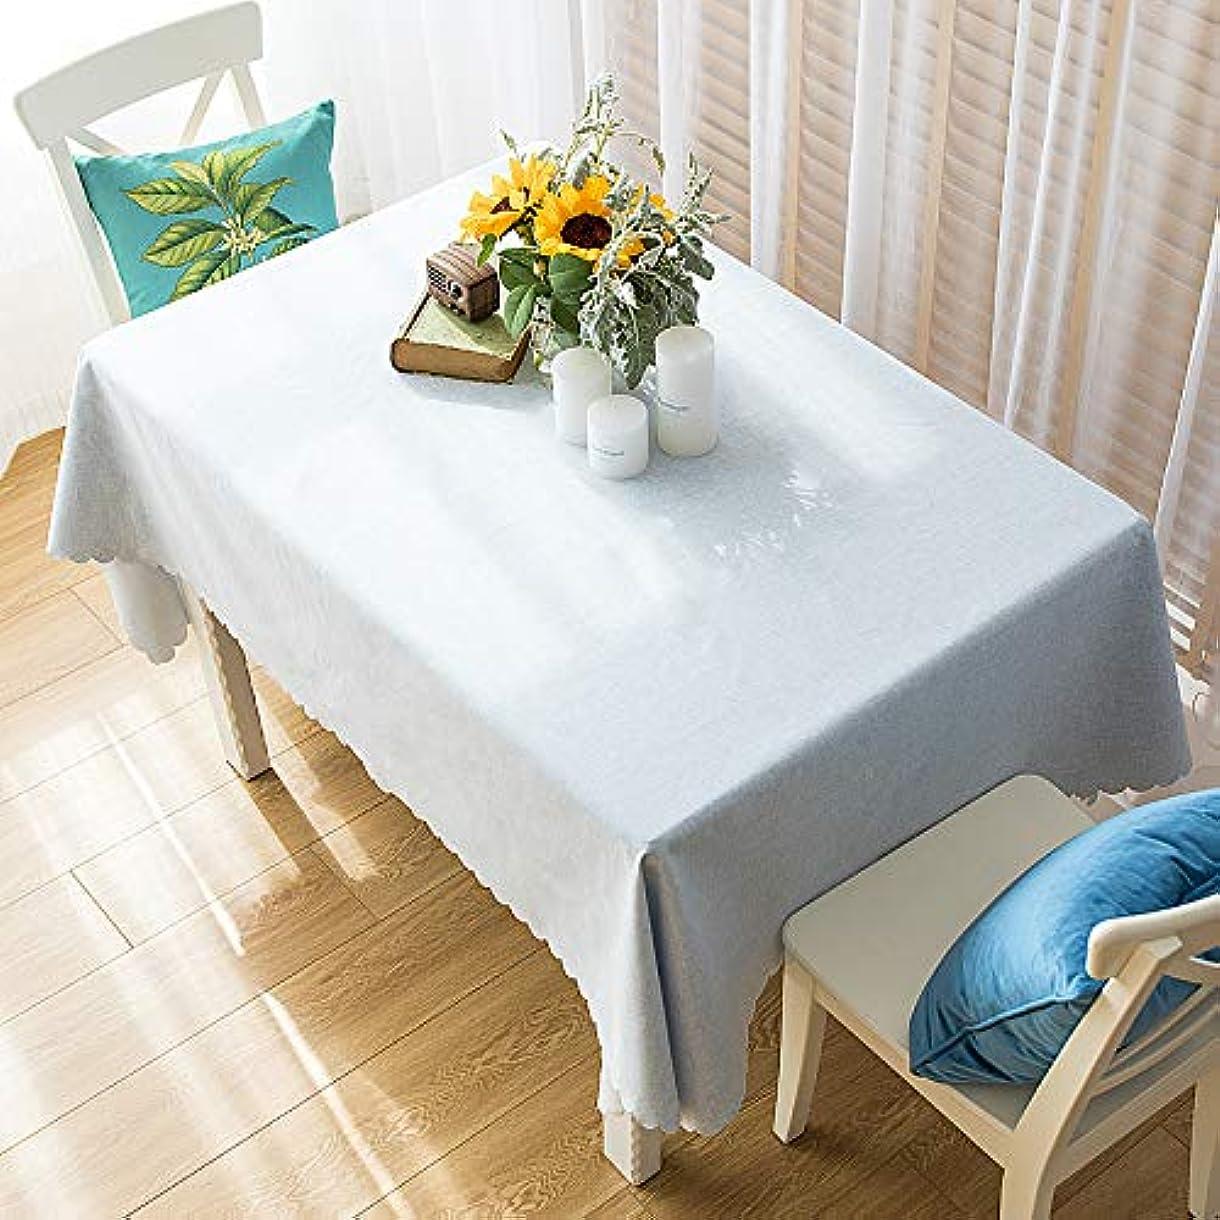 悲しむやめるマークされたテーブルクロス テーブルカバー 無地 厚手 北欧風 長方形 水洗い エレガント 装飾 65*65cm 水色 お手入れ簡単